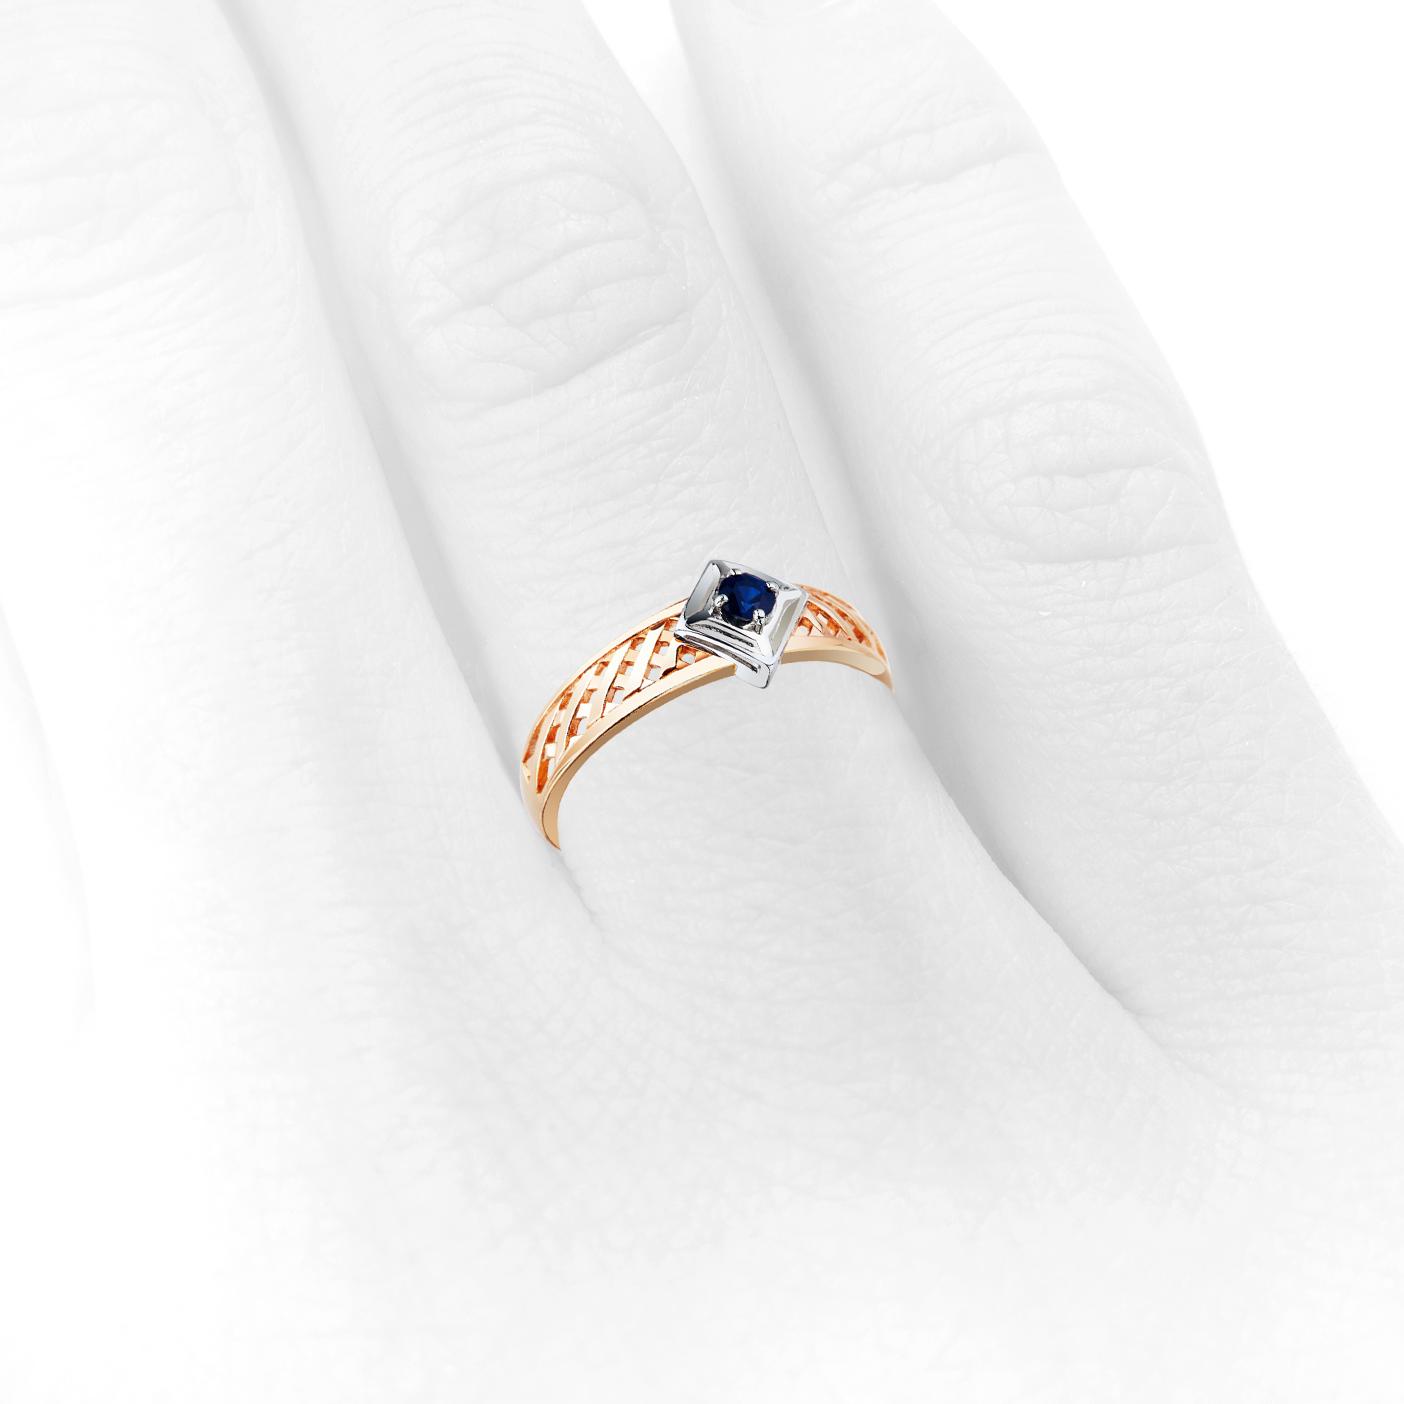 Купить кольцо с сапфиром